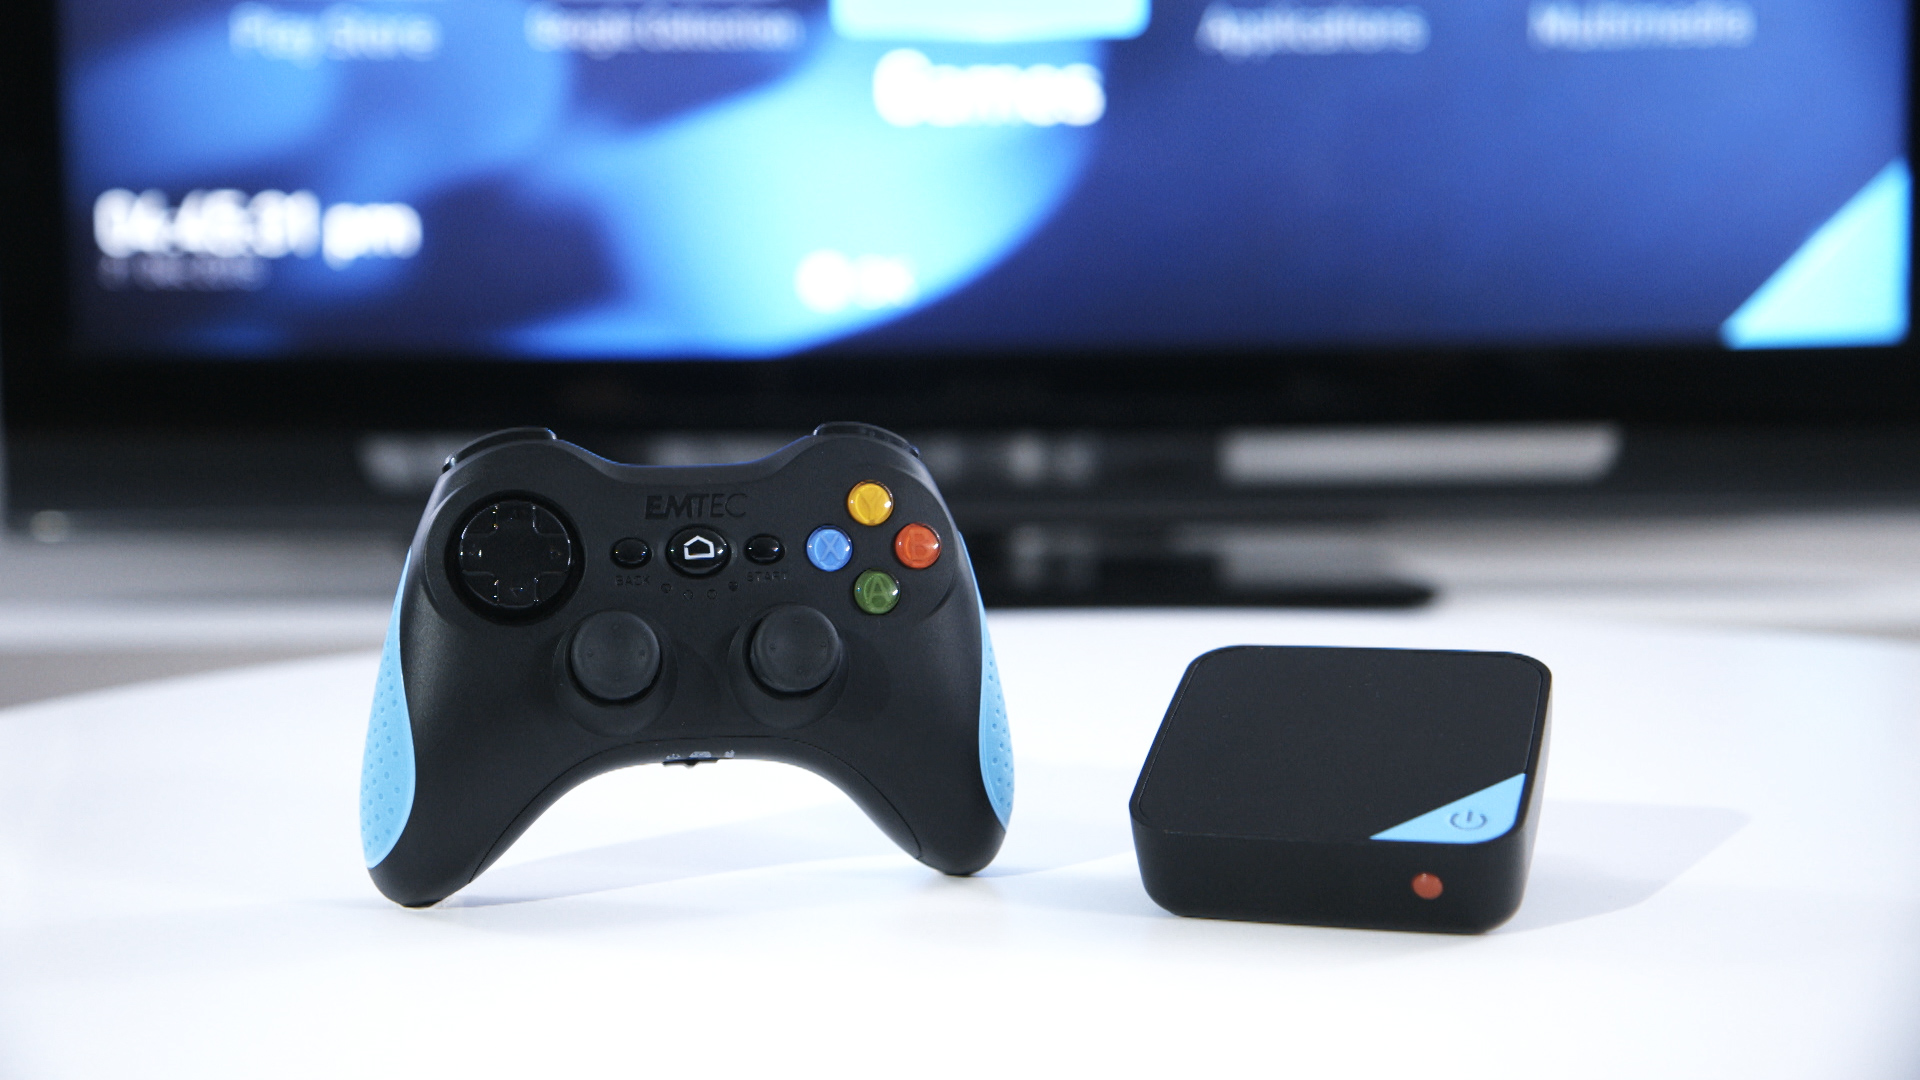 EMTEC GEM Box agora disponível - jogos, multimídia e entretenimento Android ...